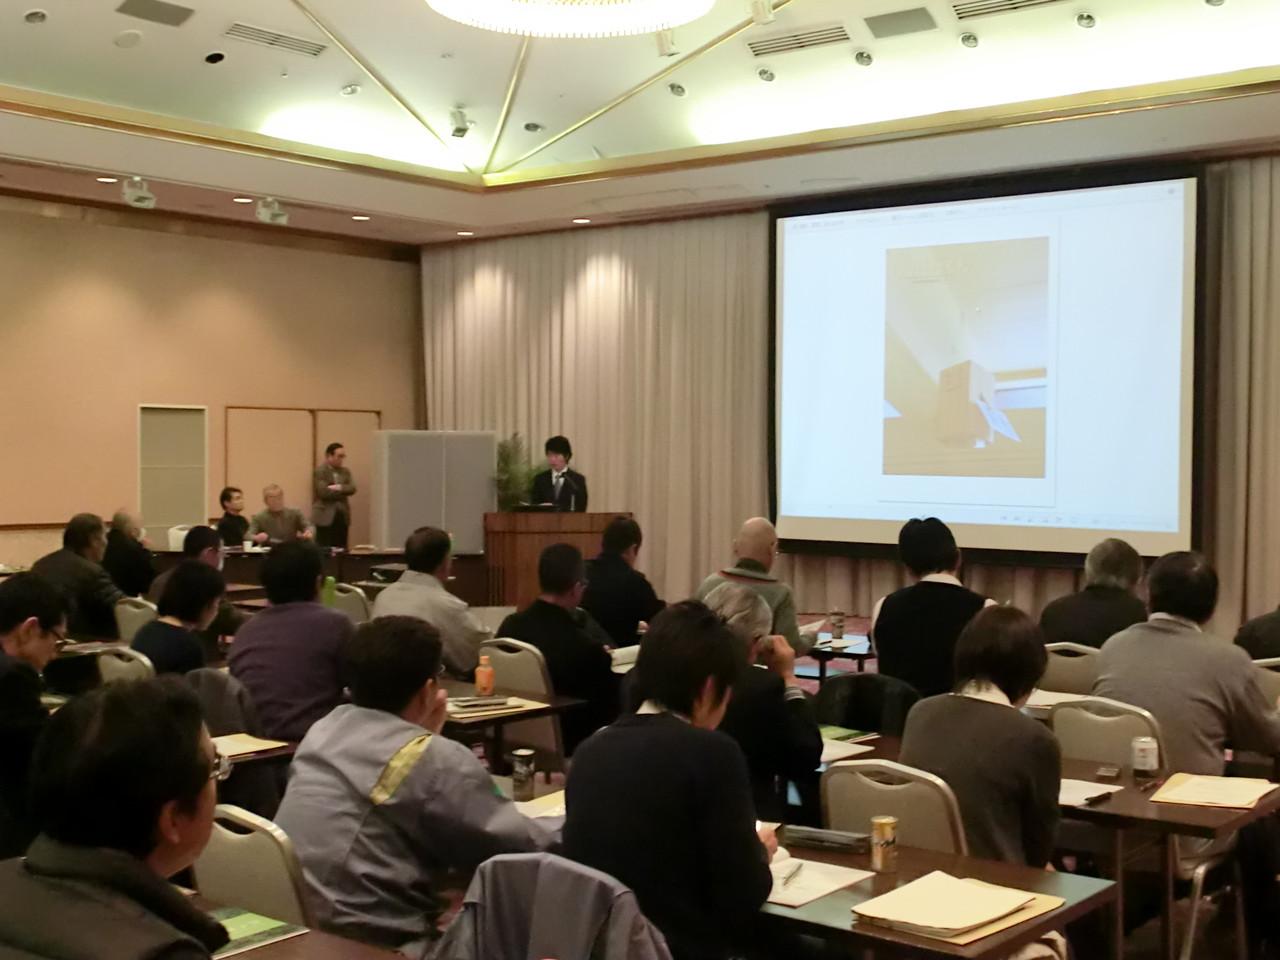 愛媛県中小建築業協会講習会「木造住宅の歴史と良さ」